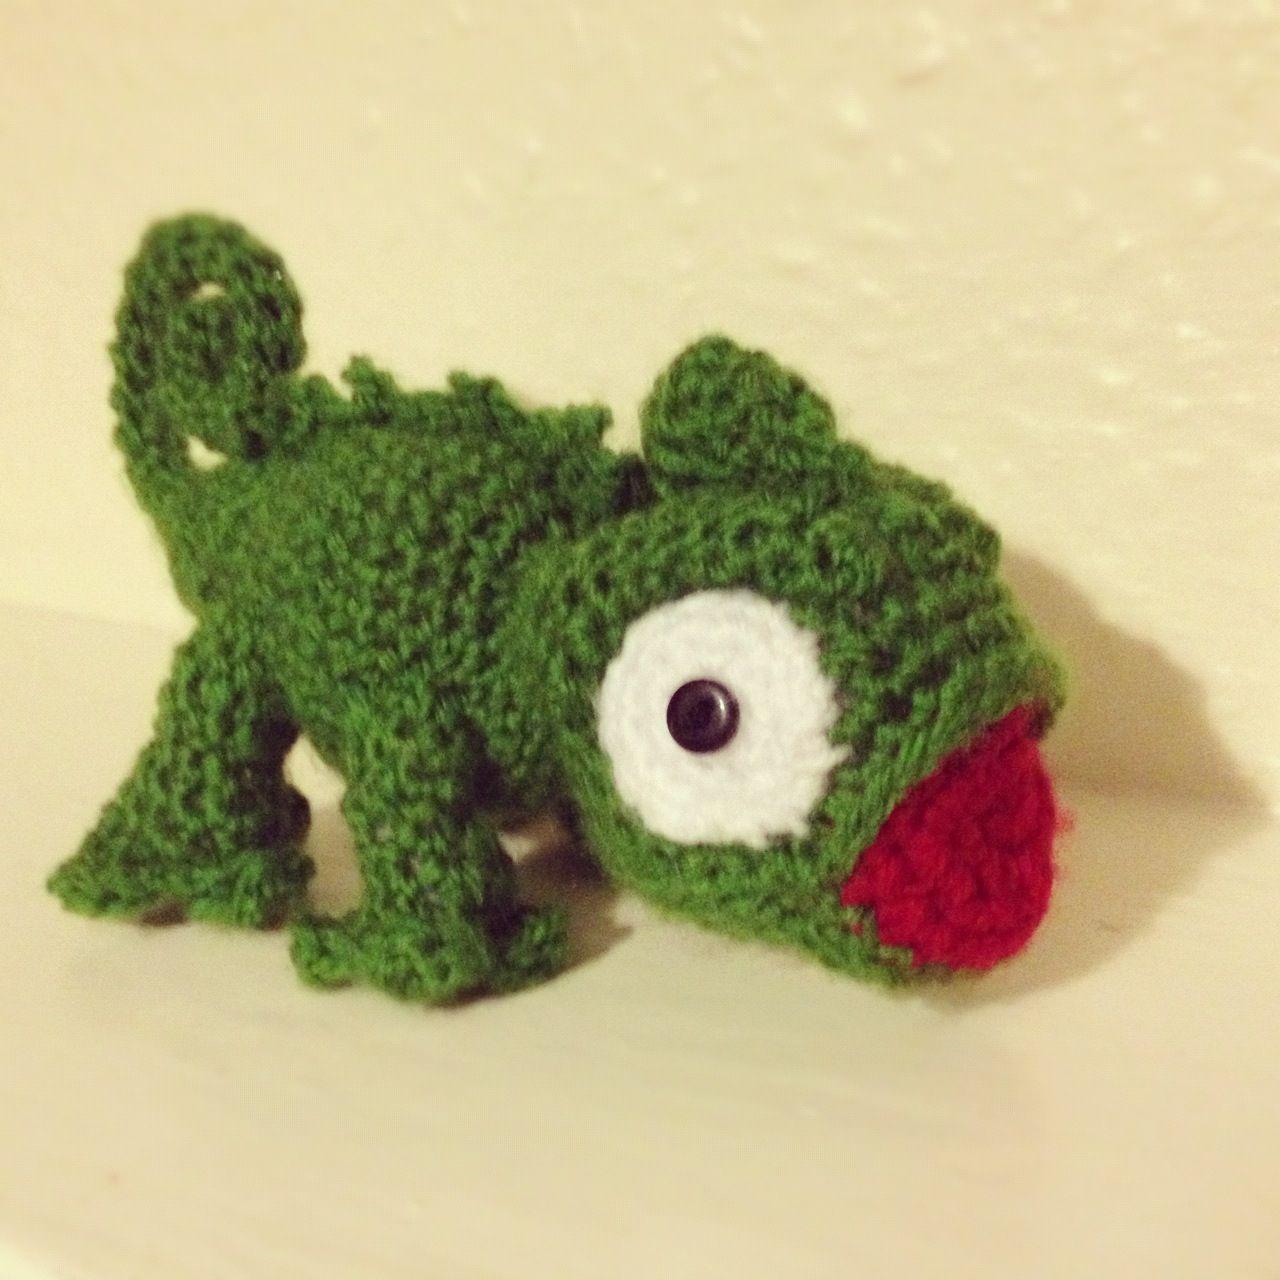 Crochet Chameleons : Crochet chameleon TouchE Crochet Pinterest